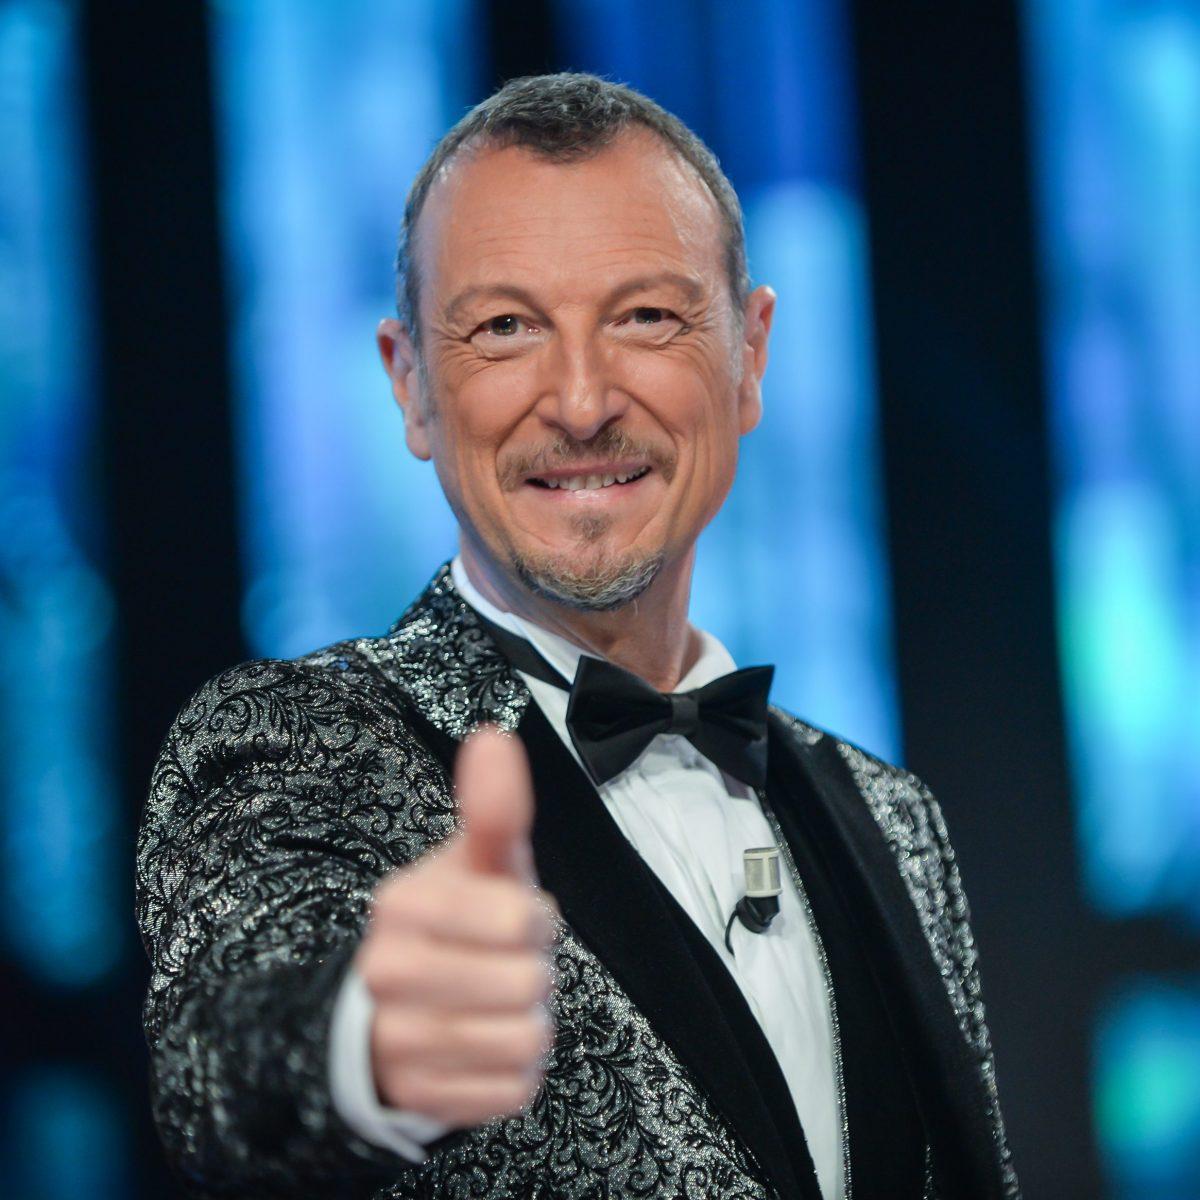 Il Festival di Sanremo 2021 in presenza sarebbe una vergogna